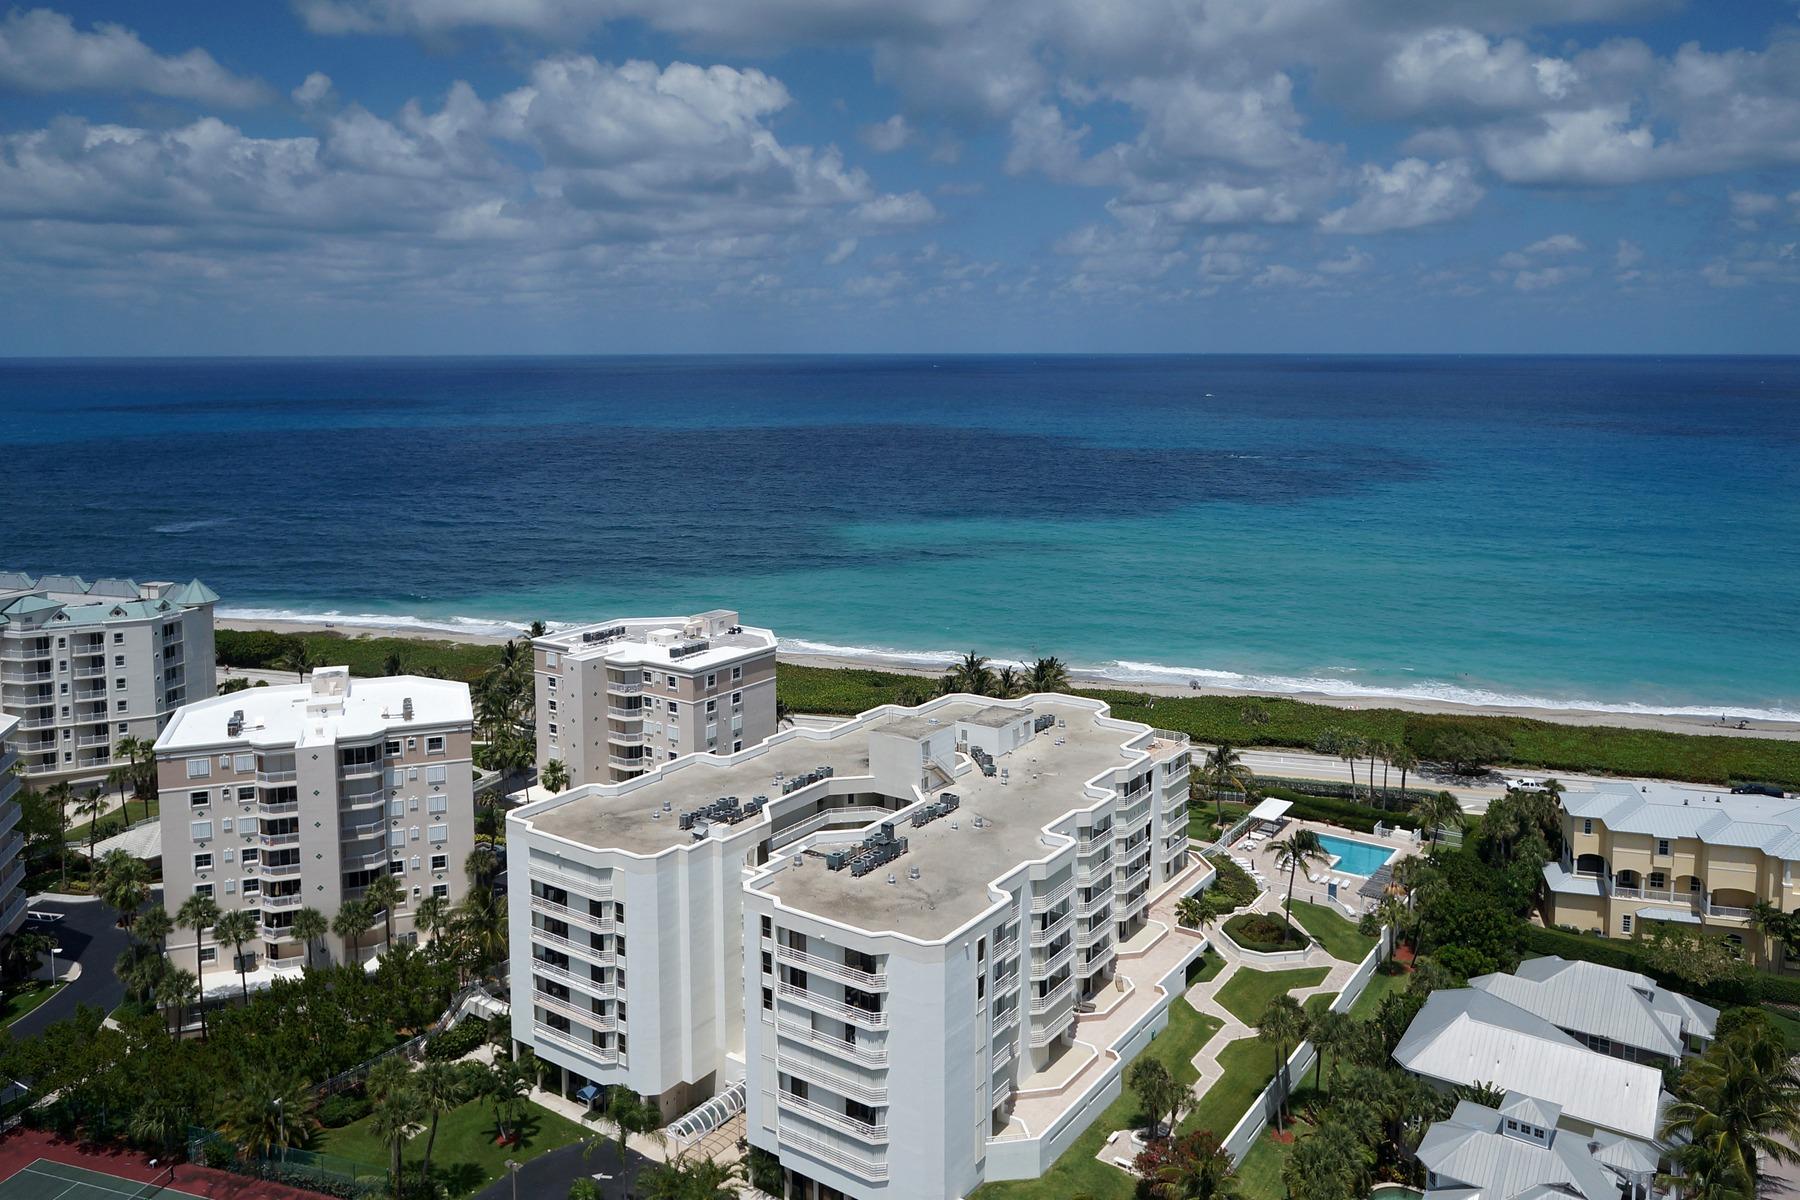 共管式独立产权公寓 为 销售 在 176 Helios Dr., 205 朱庇特, 佛罗里达州 33477 美国